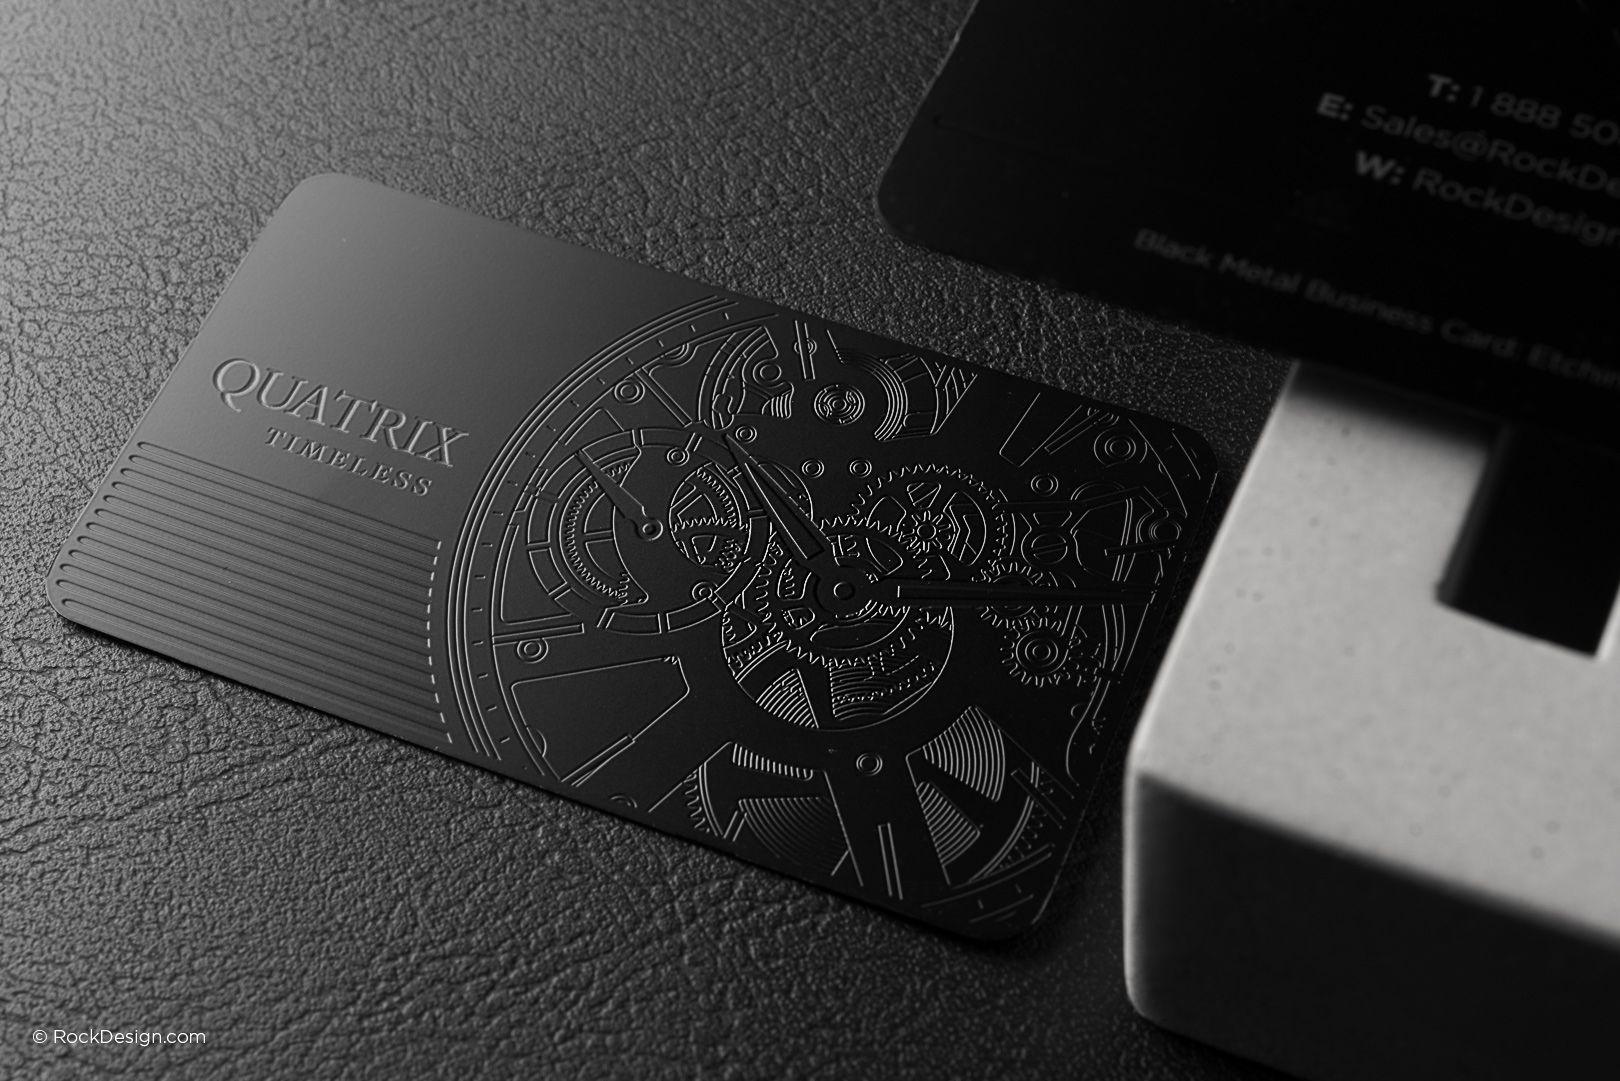 Elegant professional black metal business card - Quatrix ...